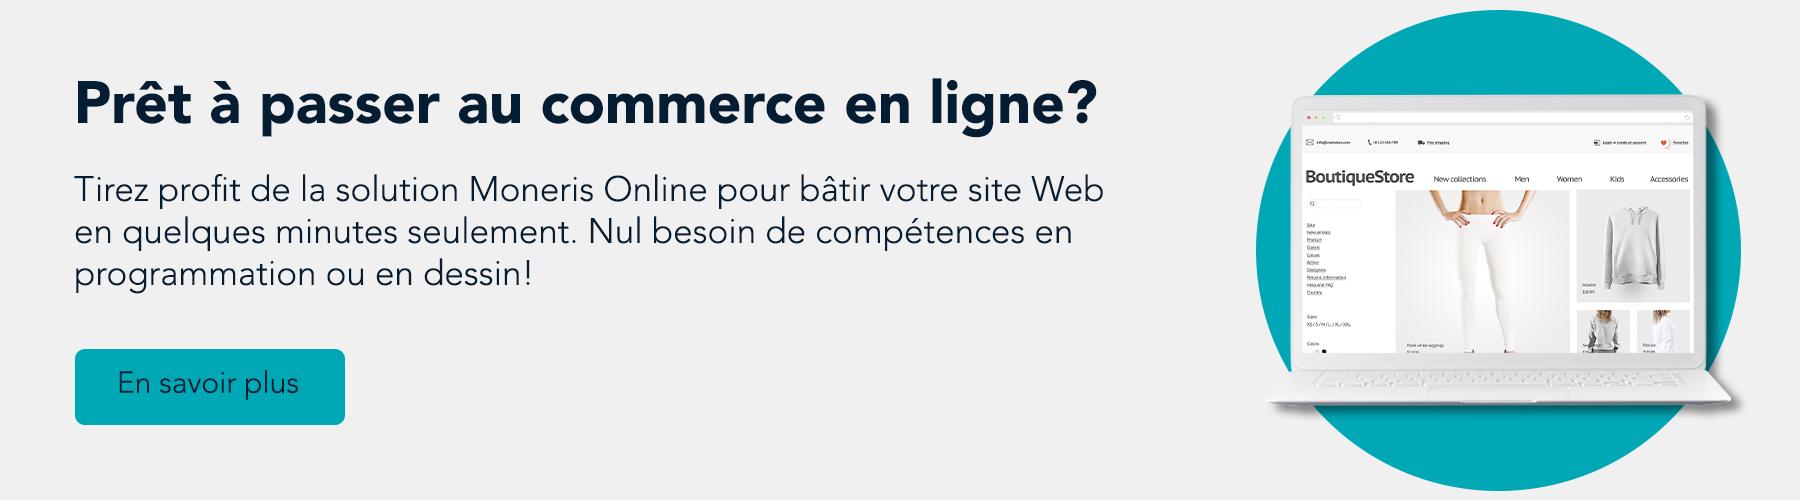 Prêt à passer au commerce en ligne? Tirez profit de la solution Moneris Online pour bâtir votre site Web en quelques minutes seulement. Nul besoin de compétences en programmation ou en dessin! En savoir plus.